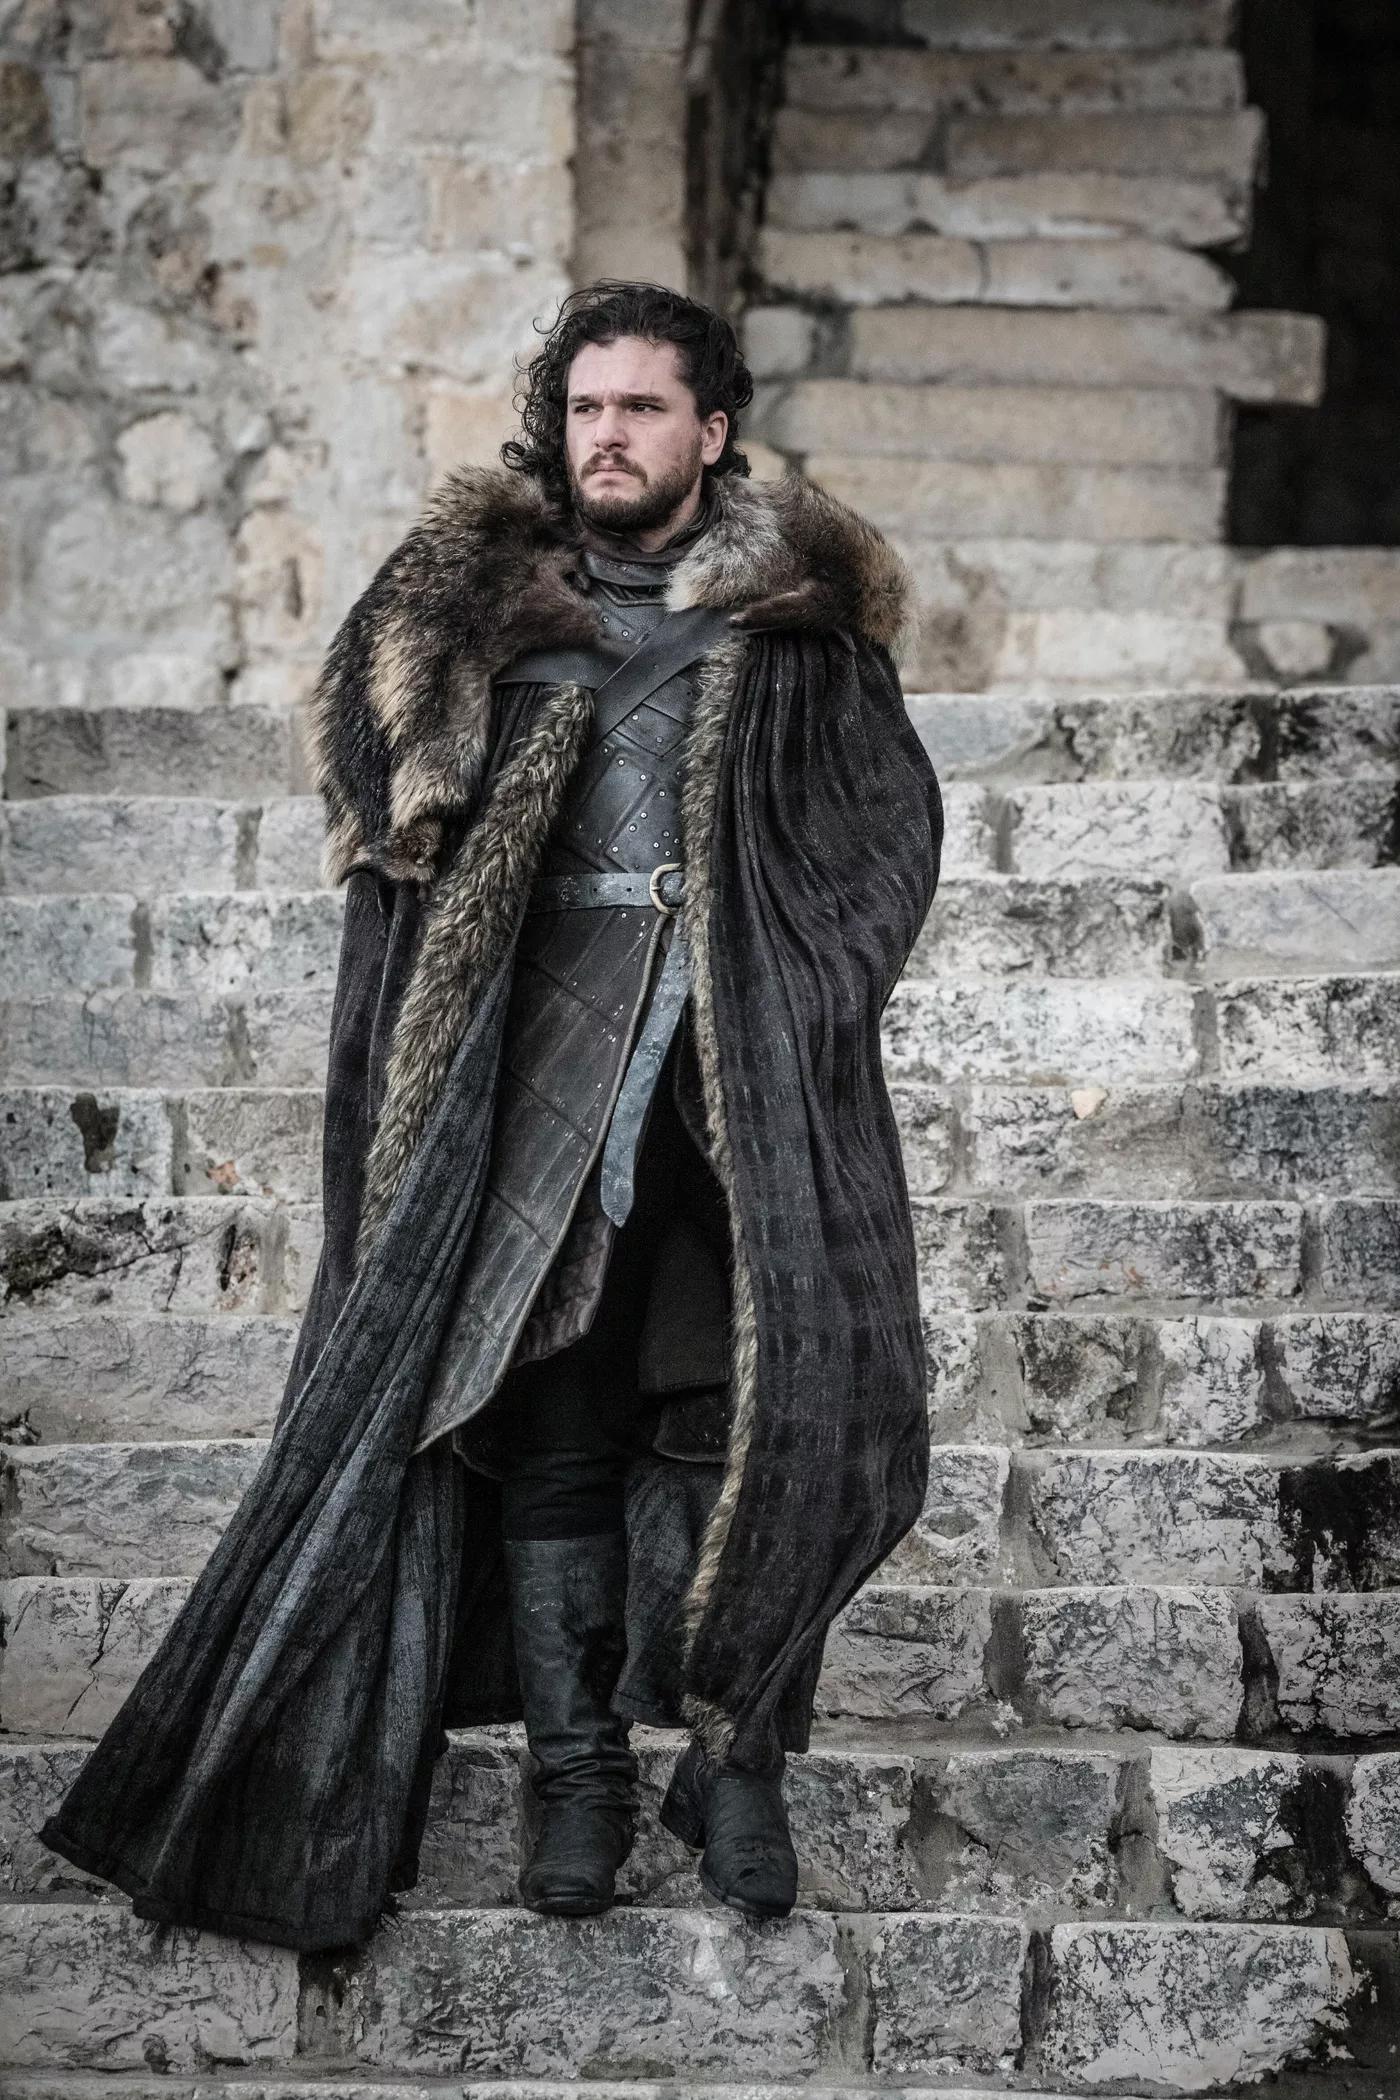 8x06 - The Iron trono - Jon